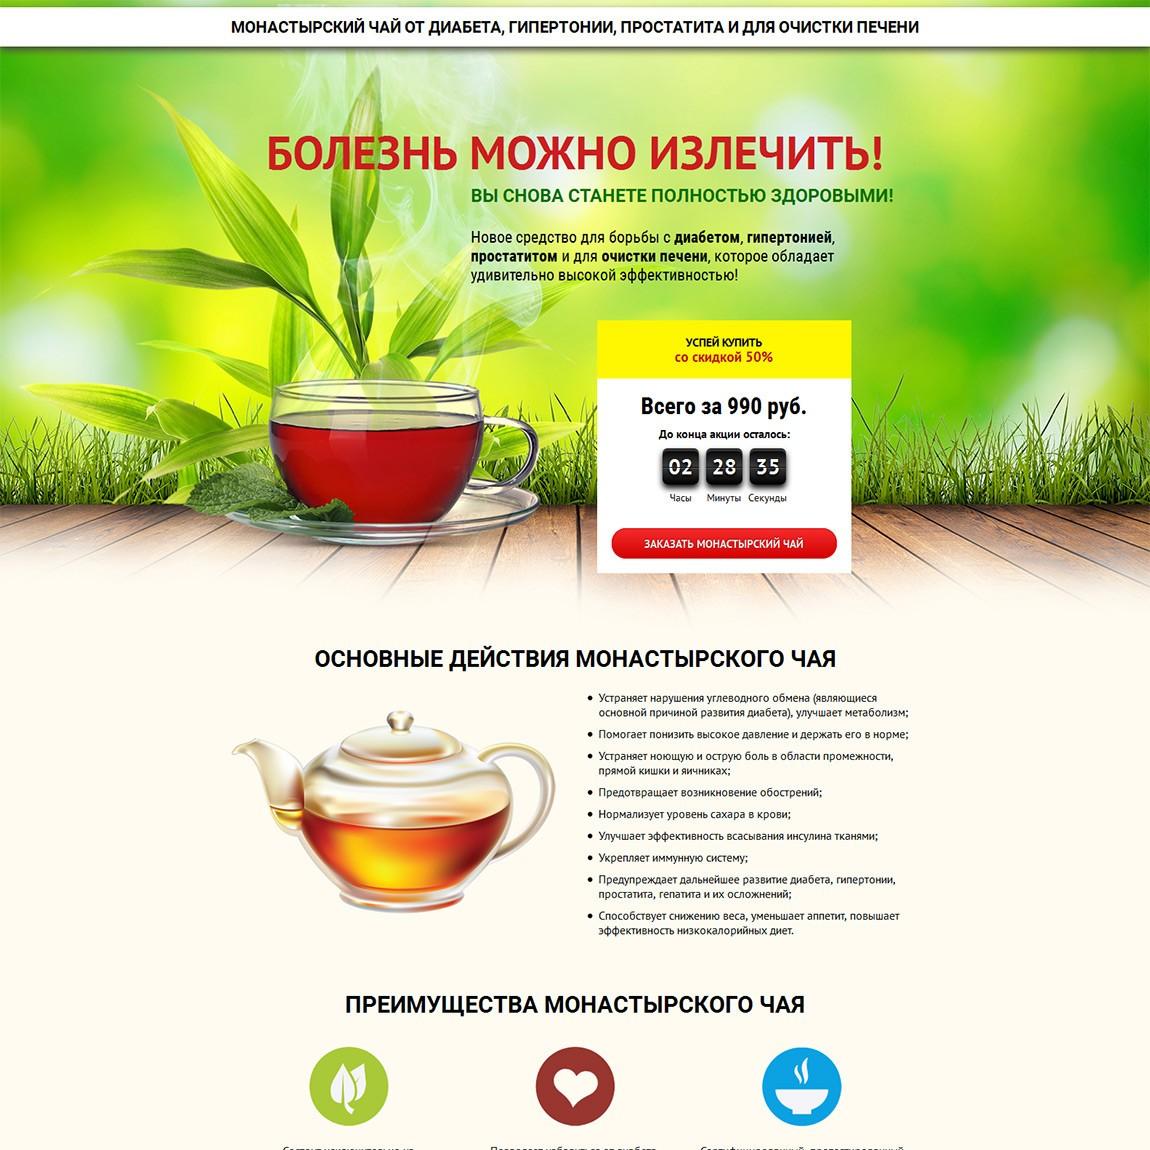 Миниатюра готового лендинга для товара Монастырский чай 01